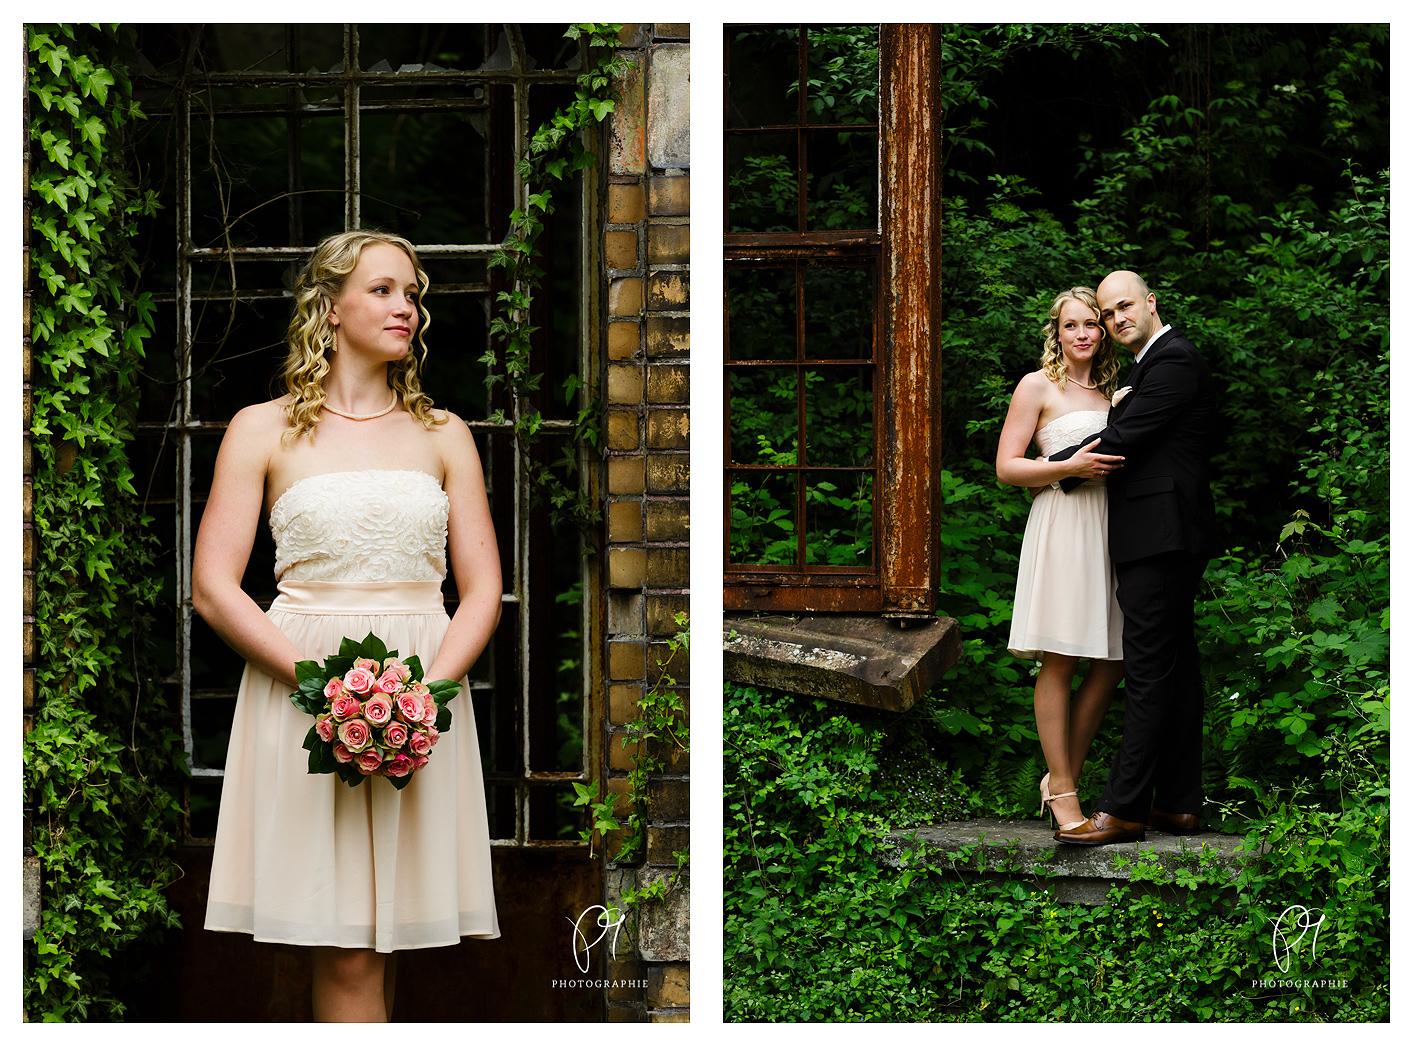 Hochzeitsfotos vom Brautpaar in der Villa Au in Velbert, NRW. Die Hochzeitsreportage wurde mit der Canon 5D Mark III aufgonommen und mit Lightroom bearbeitet.